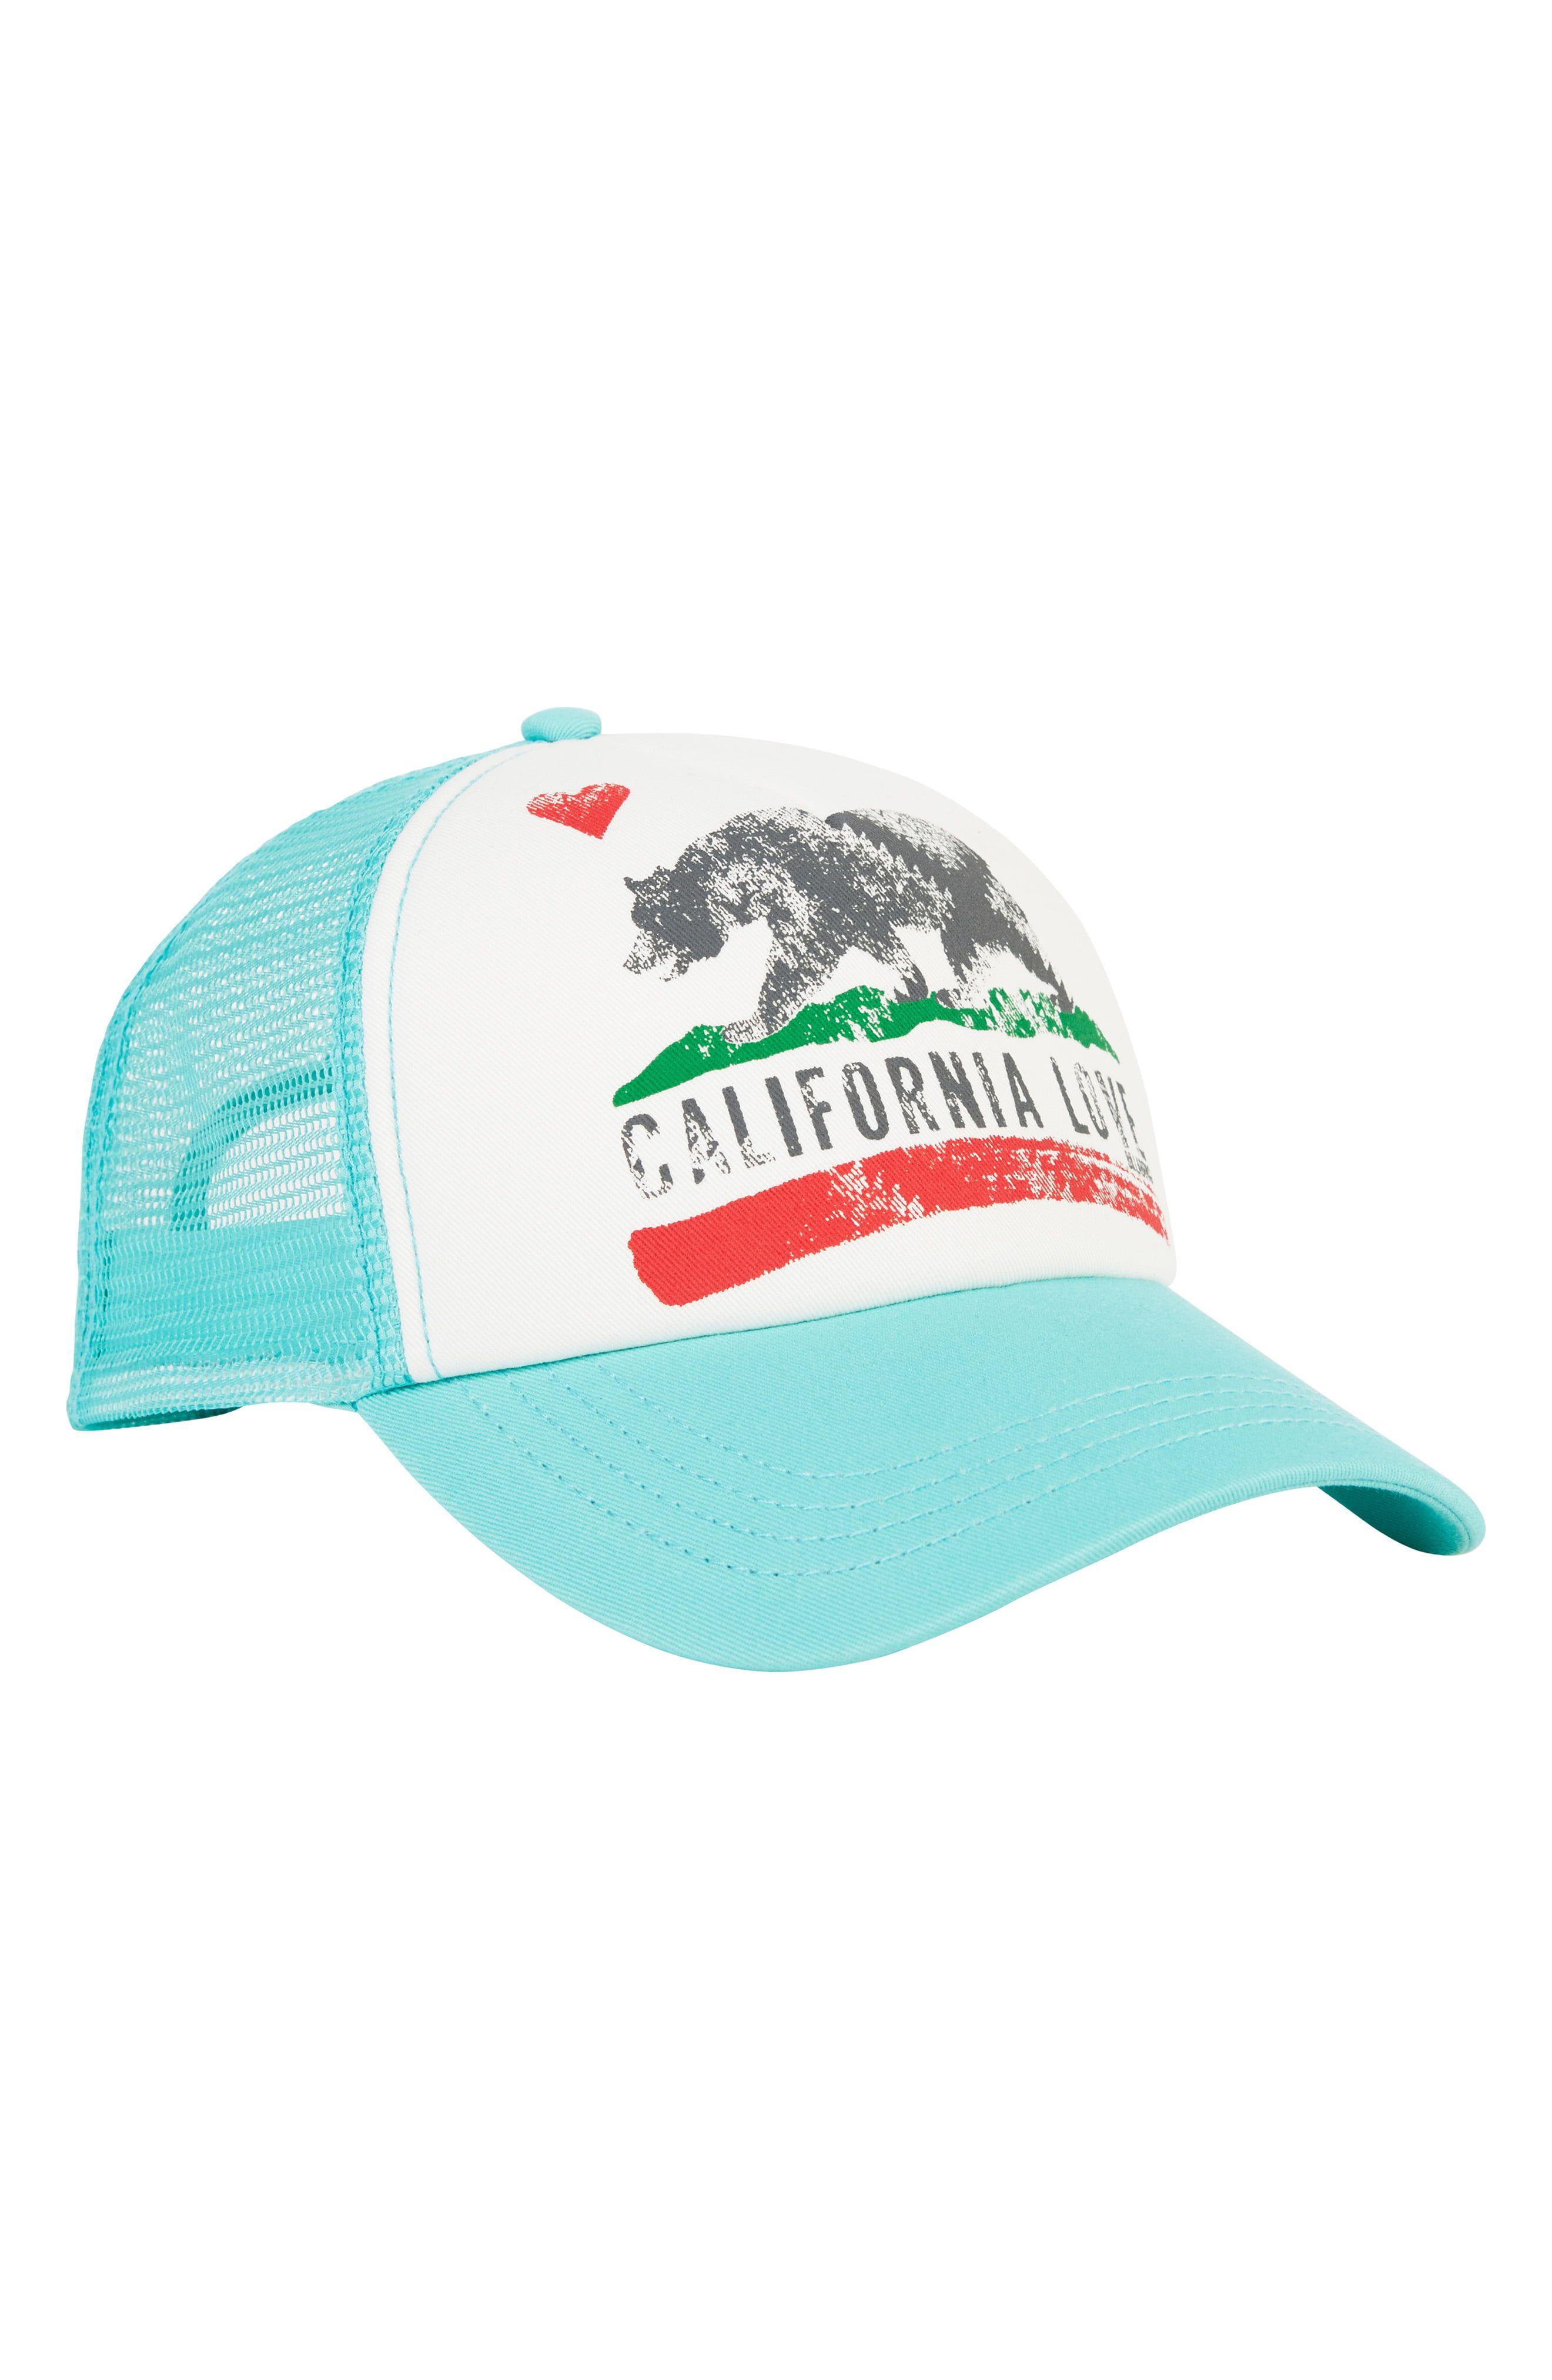 0206c572dd12c4 Junior Women's Billabong 'California' Trucker Hat - Blue/green ...